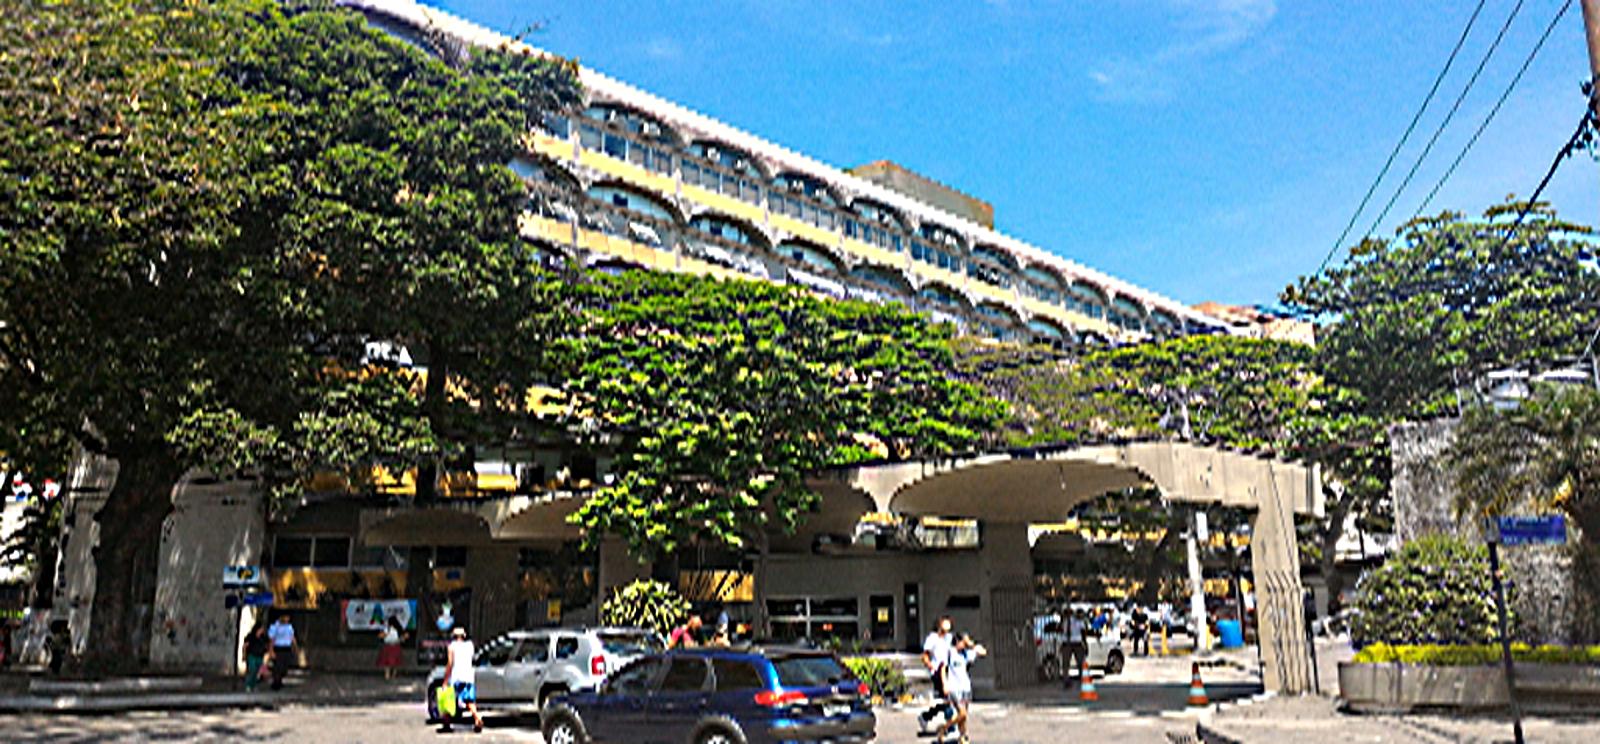 Campus Valonguinho